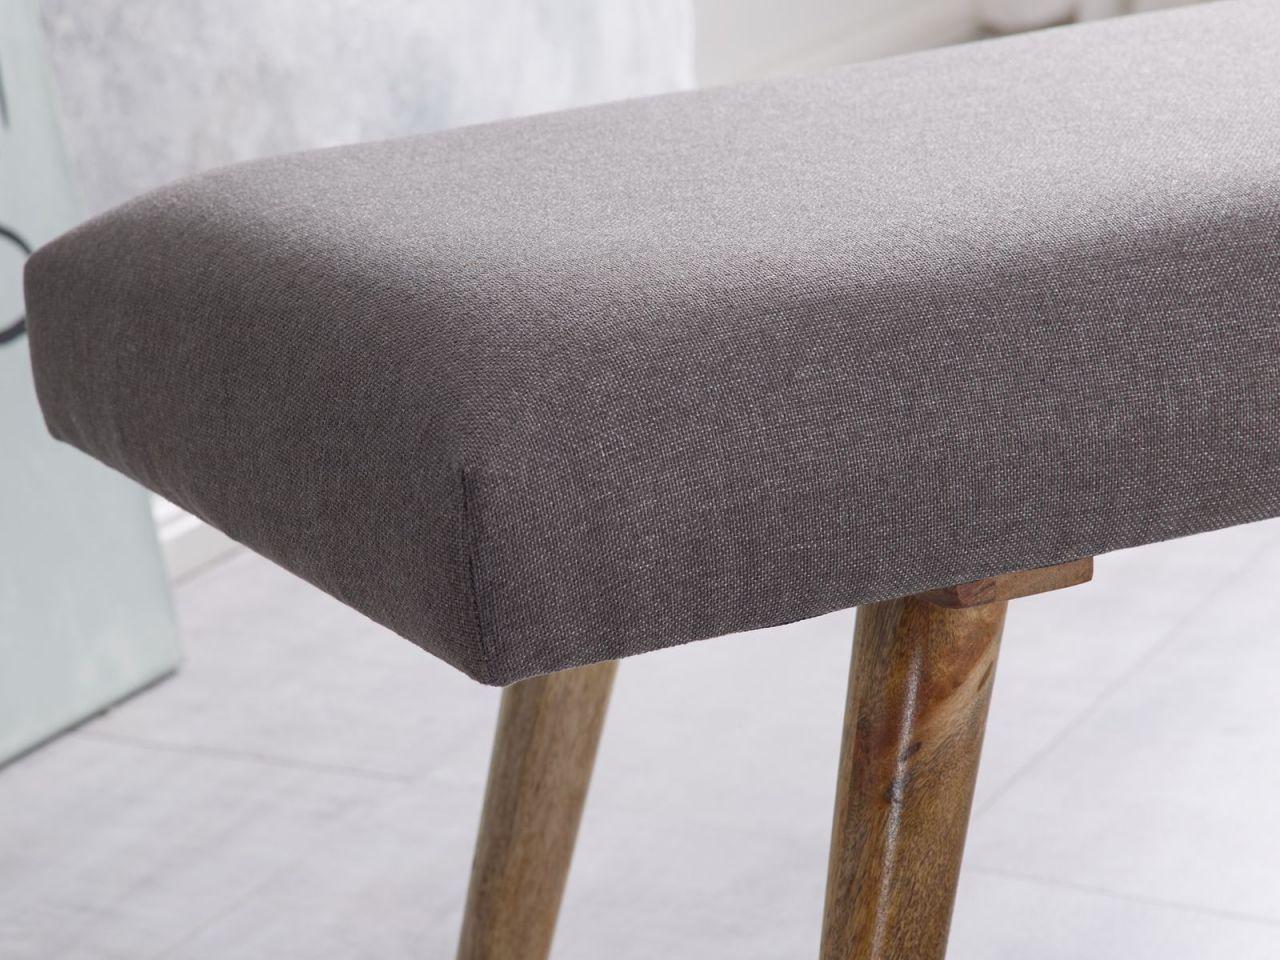 sitzbank bank sabo massivholz stoff grau 117x38x51cm. Black Bedroom Furniture Sets. Home Design Ideas